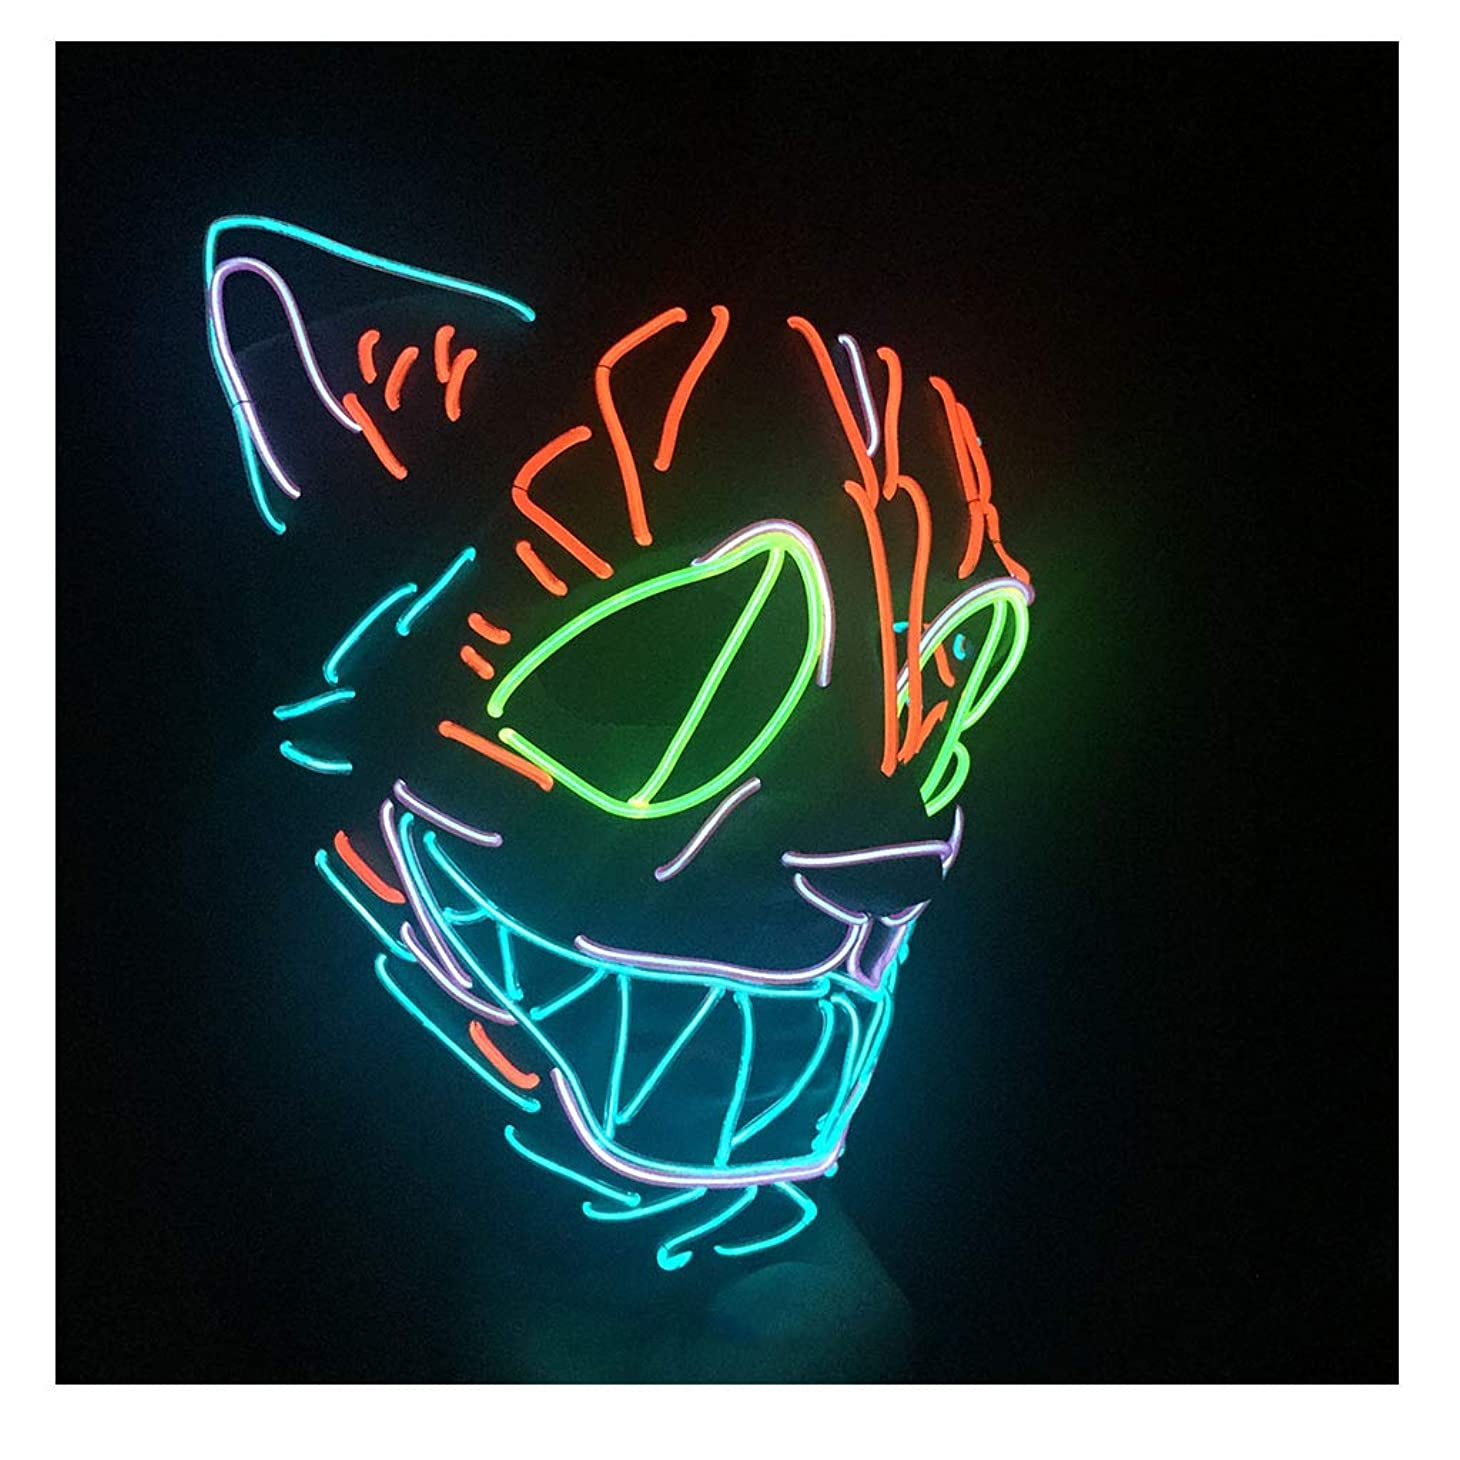 注目すべきラベル暴力怖いマスクハロウィンコスプレ-コスチュームマスクライトアップフェスティバルパーティー用LEDマスクブルー,赤